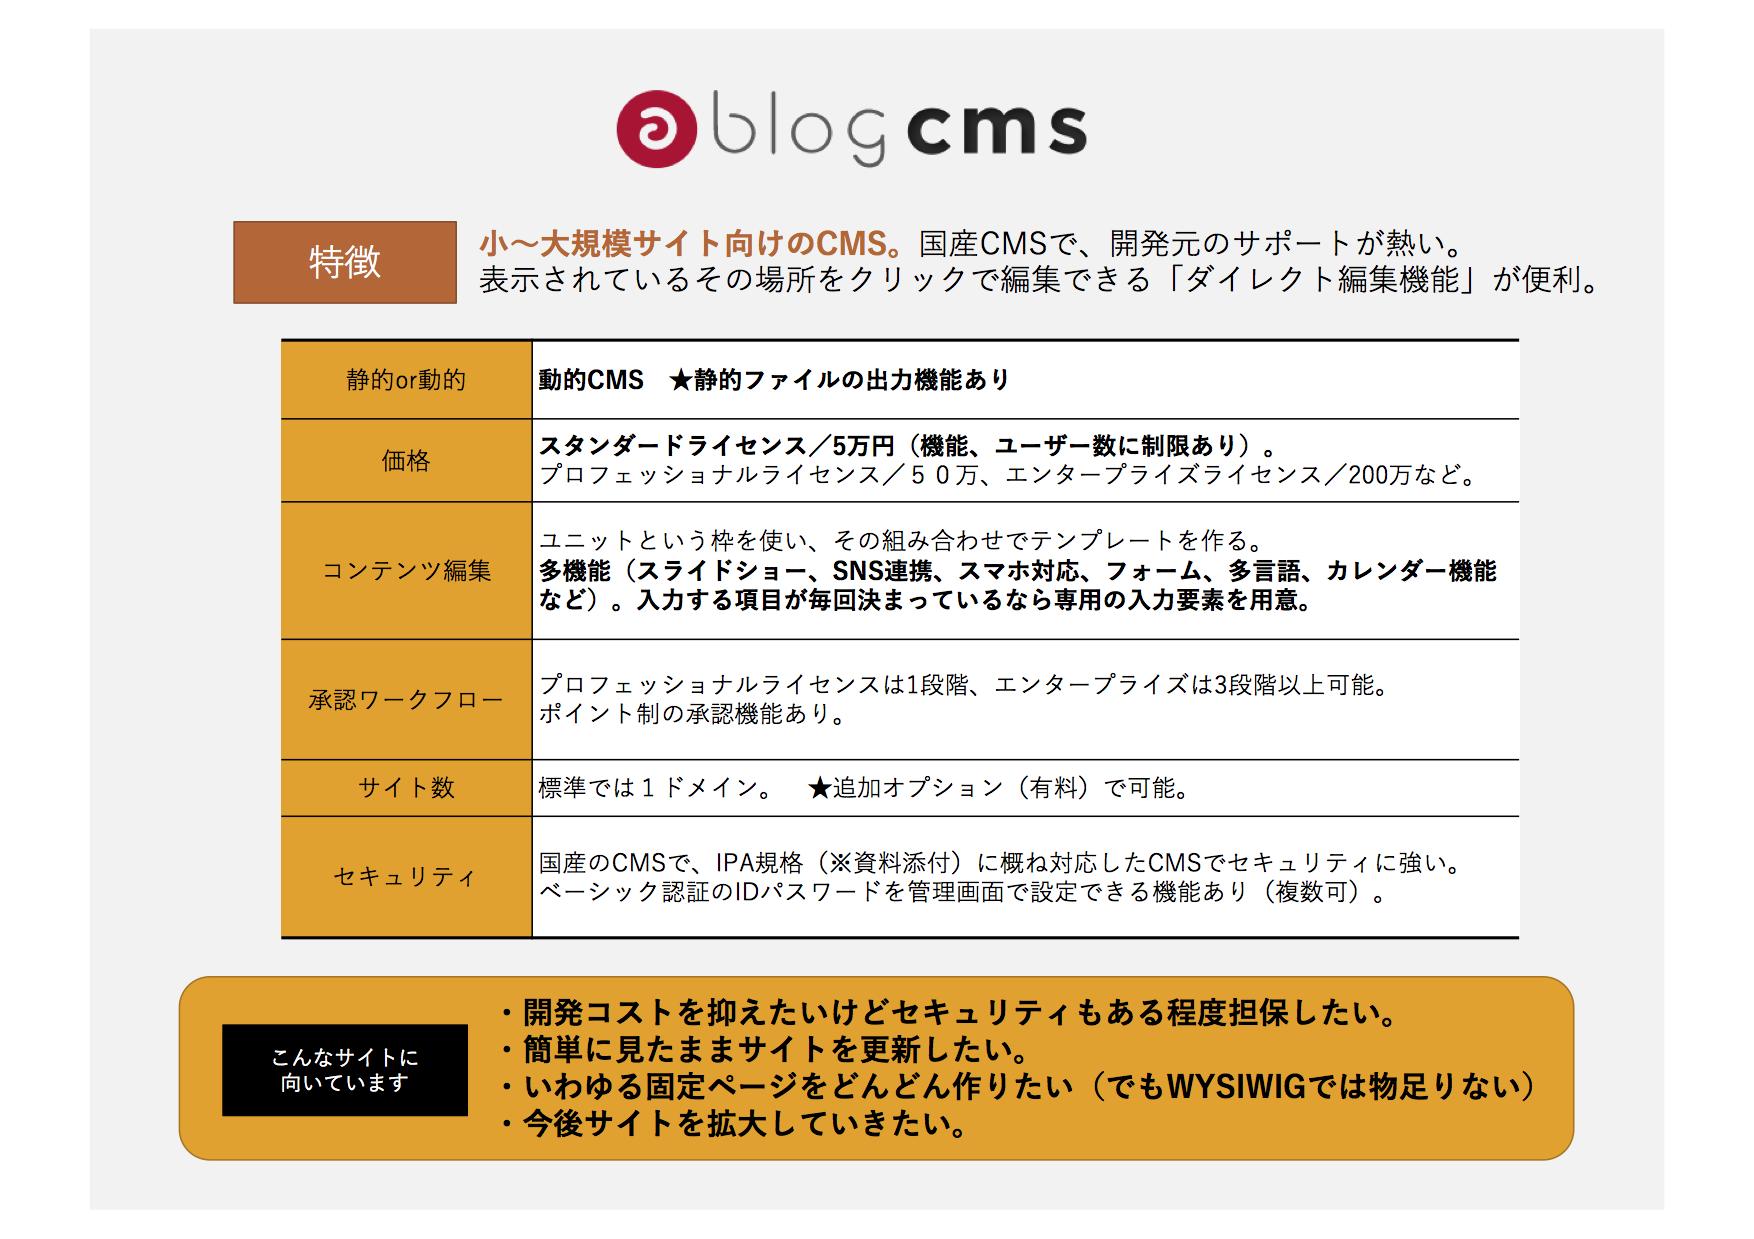 a-blog cmsの特徴まとめ